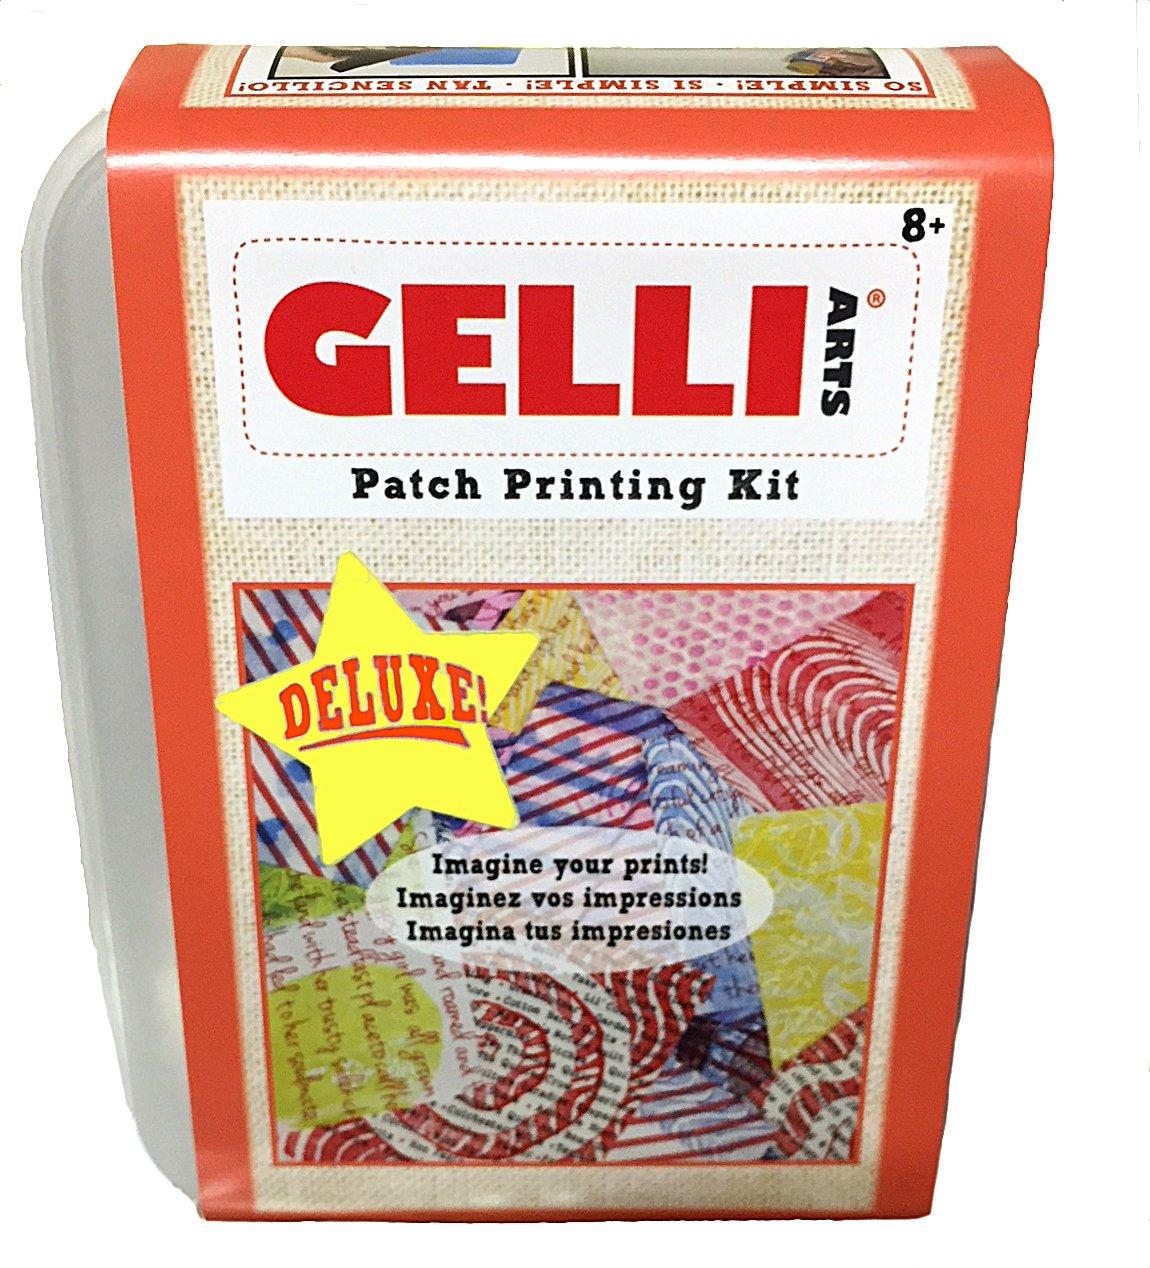 Plancha de Gel para Impresiones GELLI ARTS 13x13cm Kit Patch